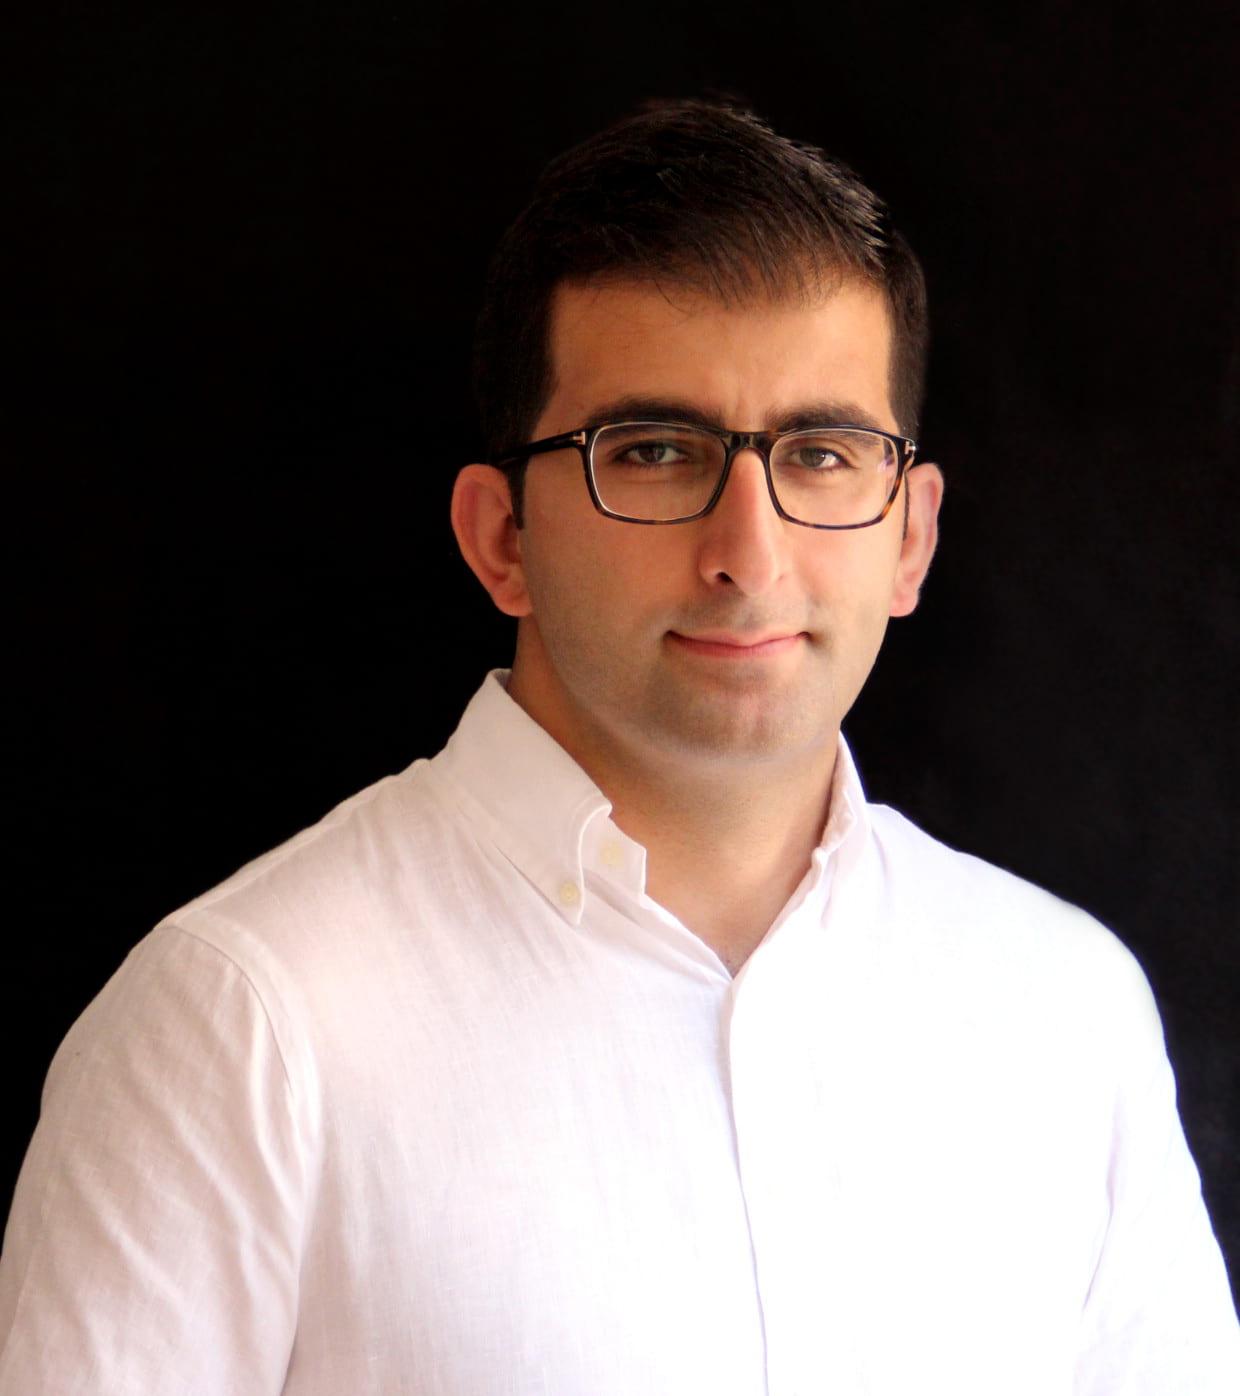 Saleh Kalantari